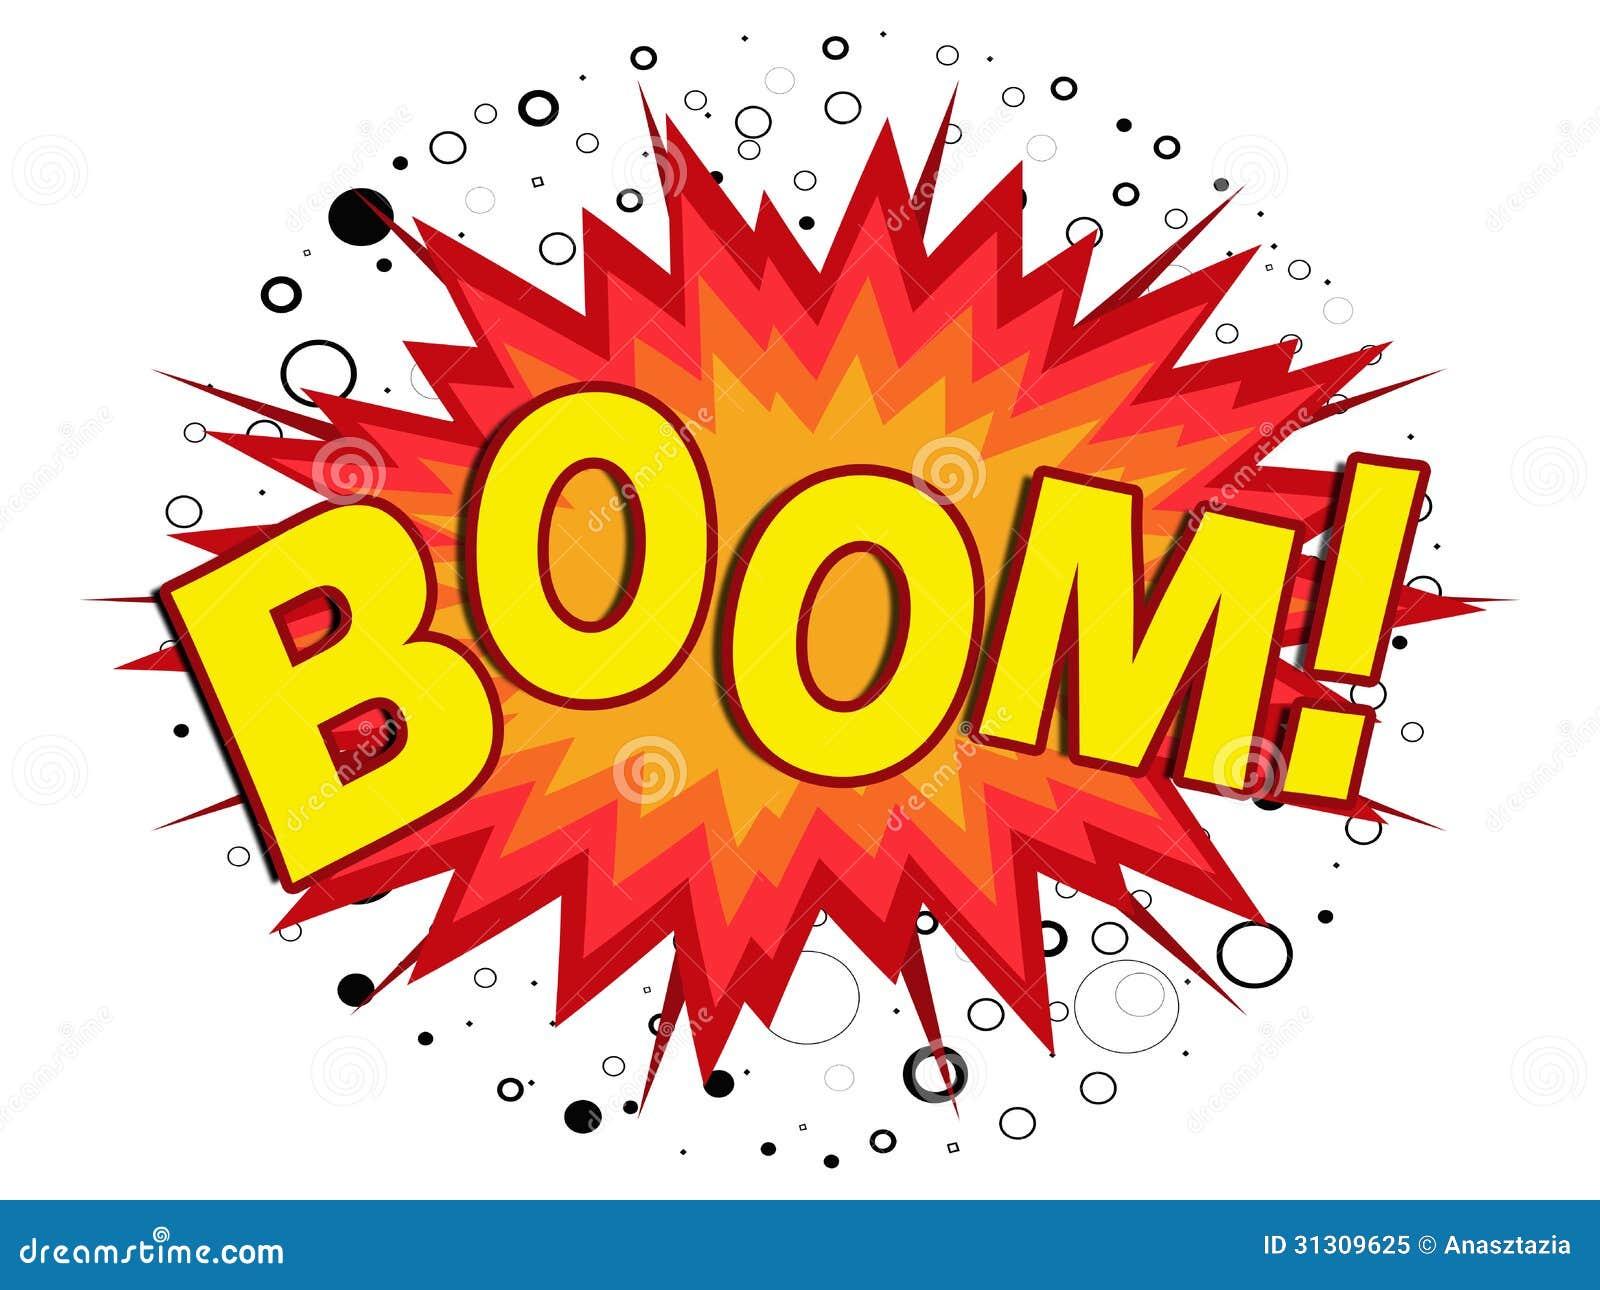 boom stock illustrations 36 272 boom stock illustrations vectors